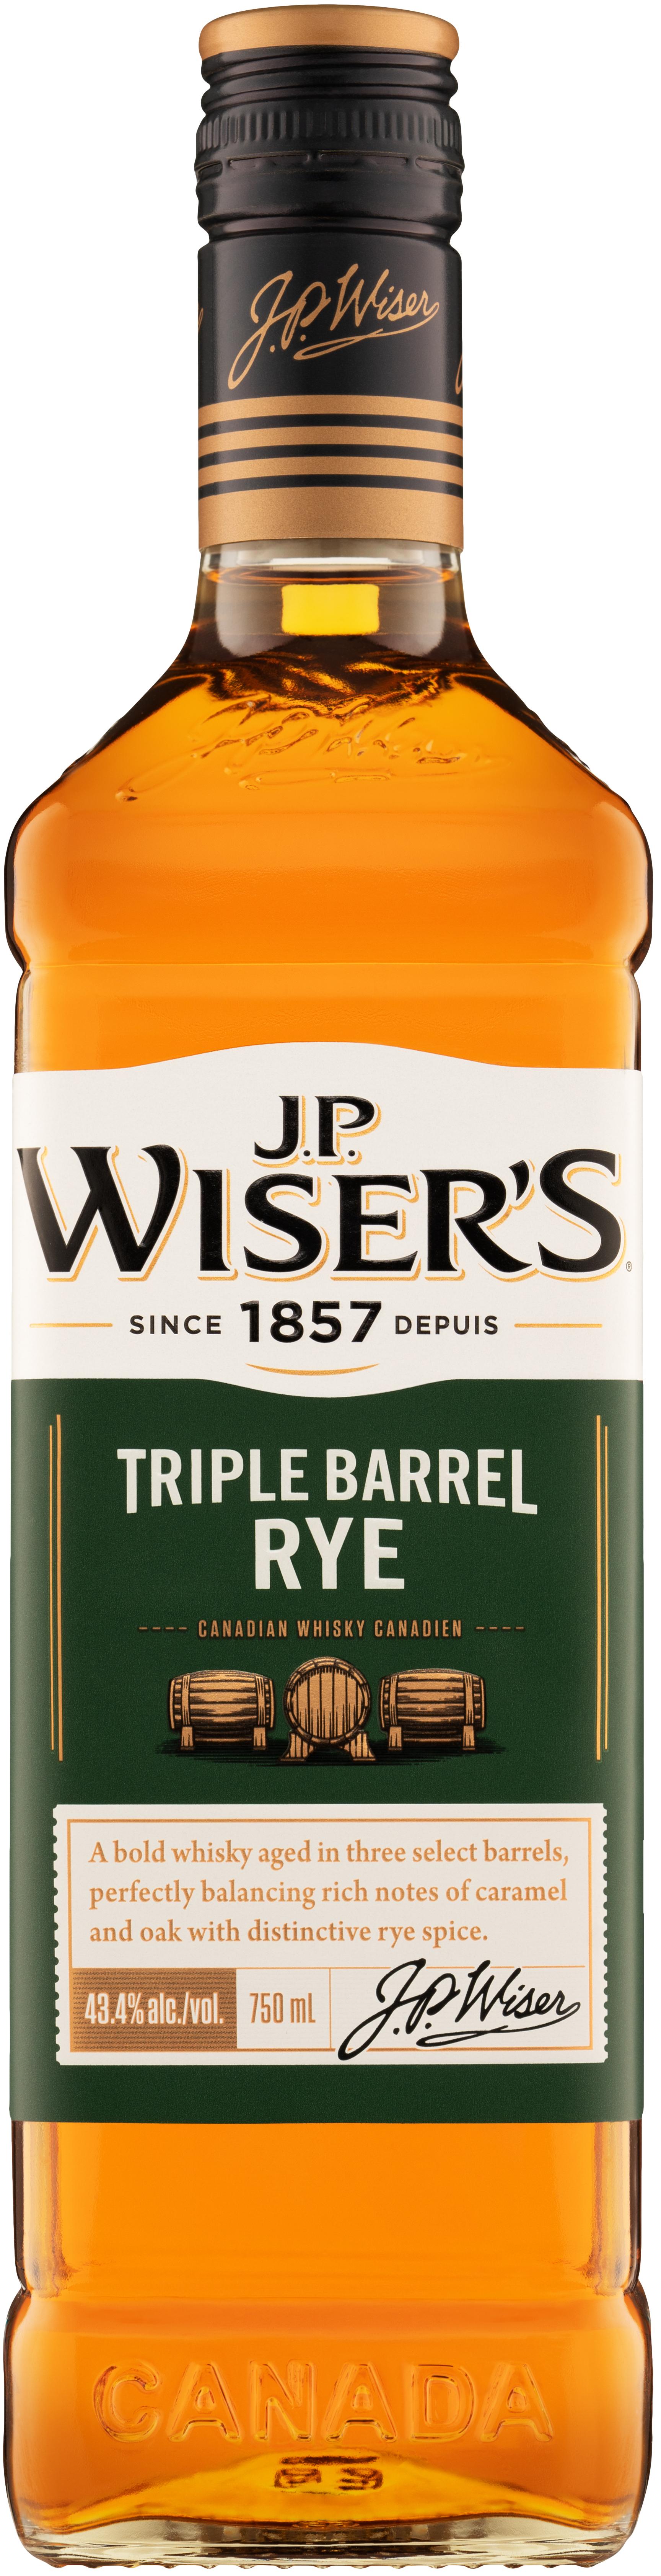 J.P. Wiser's Triple Barrel Rye 750ml